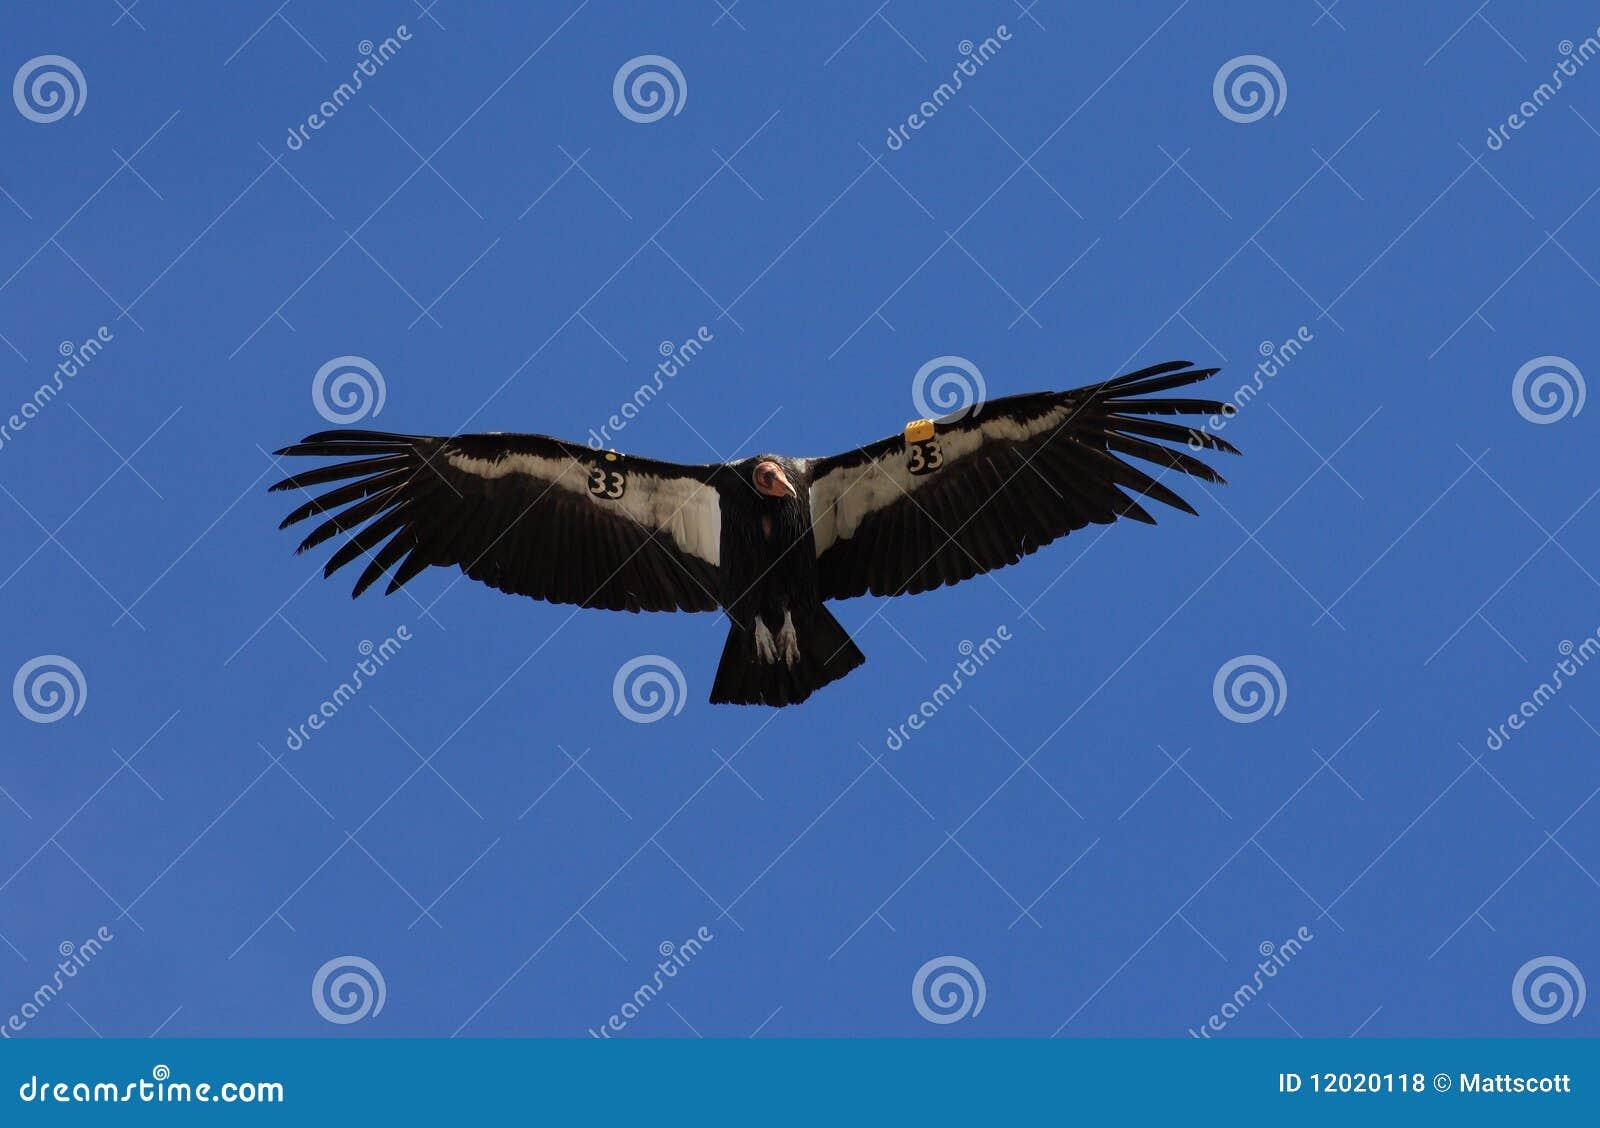 加利福尼亚州的神鹰飞行